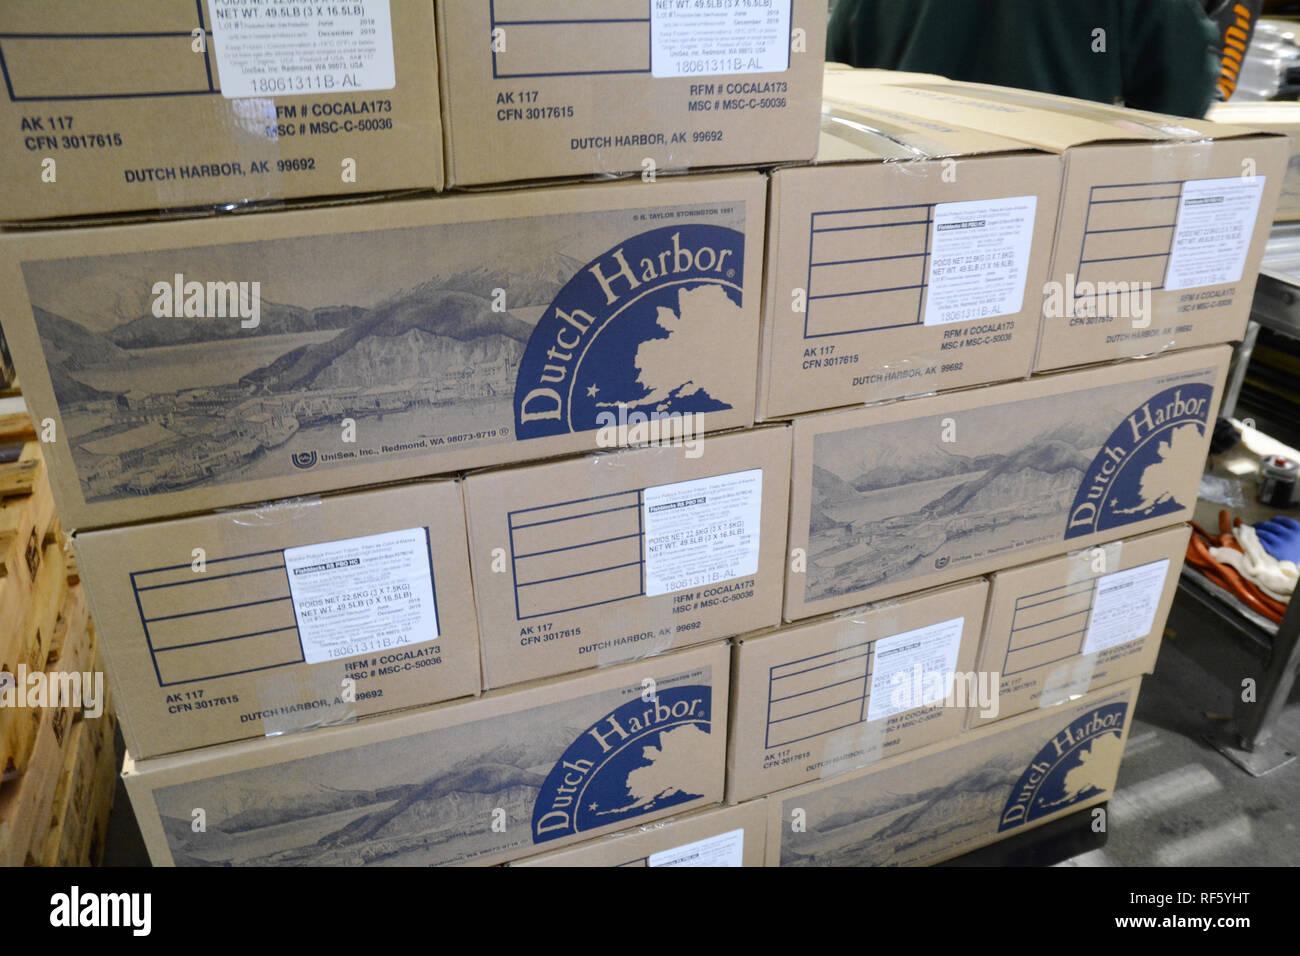 Une mini boîtes empilées avec des filets de goberge congelés à l'usine de fruits de mer UniSea Dutch Harbour, île Unalaska, Alaska, United States. Photo Stock